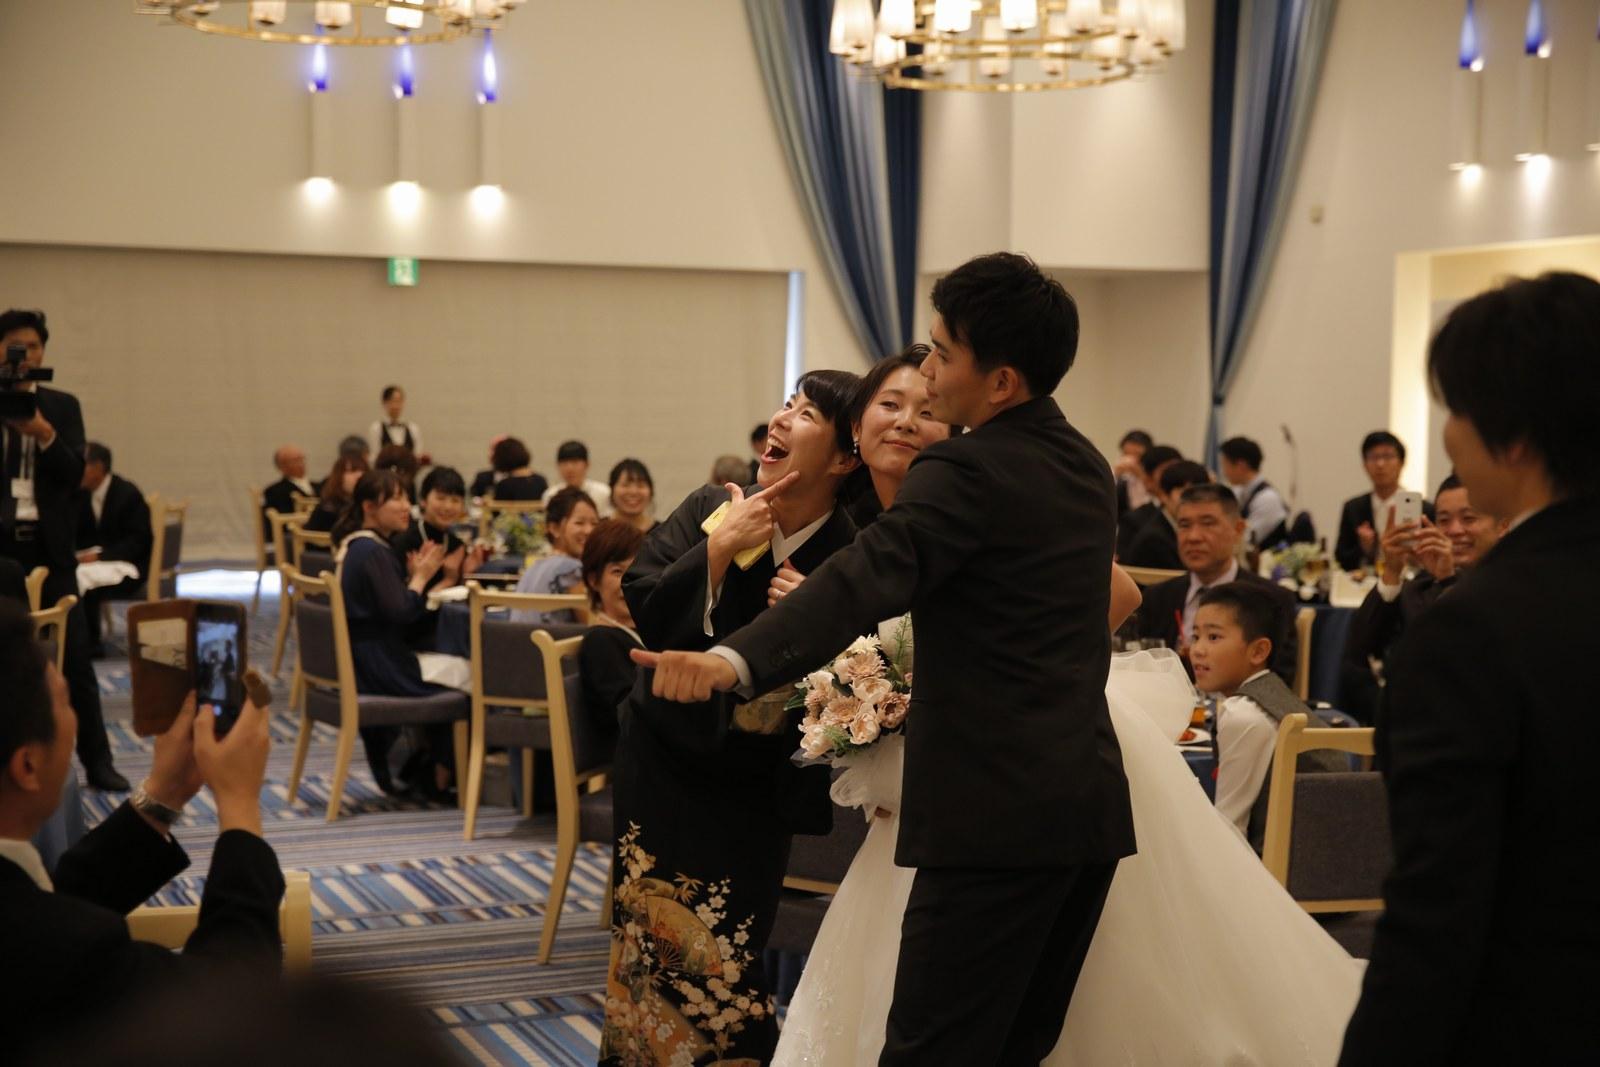 香川県の結婚式場シェルエメール&アイスタイルのお色直し